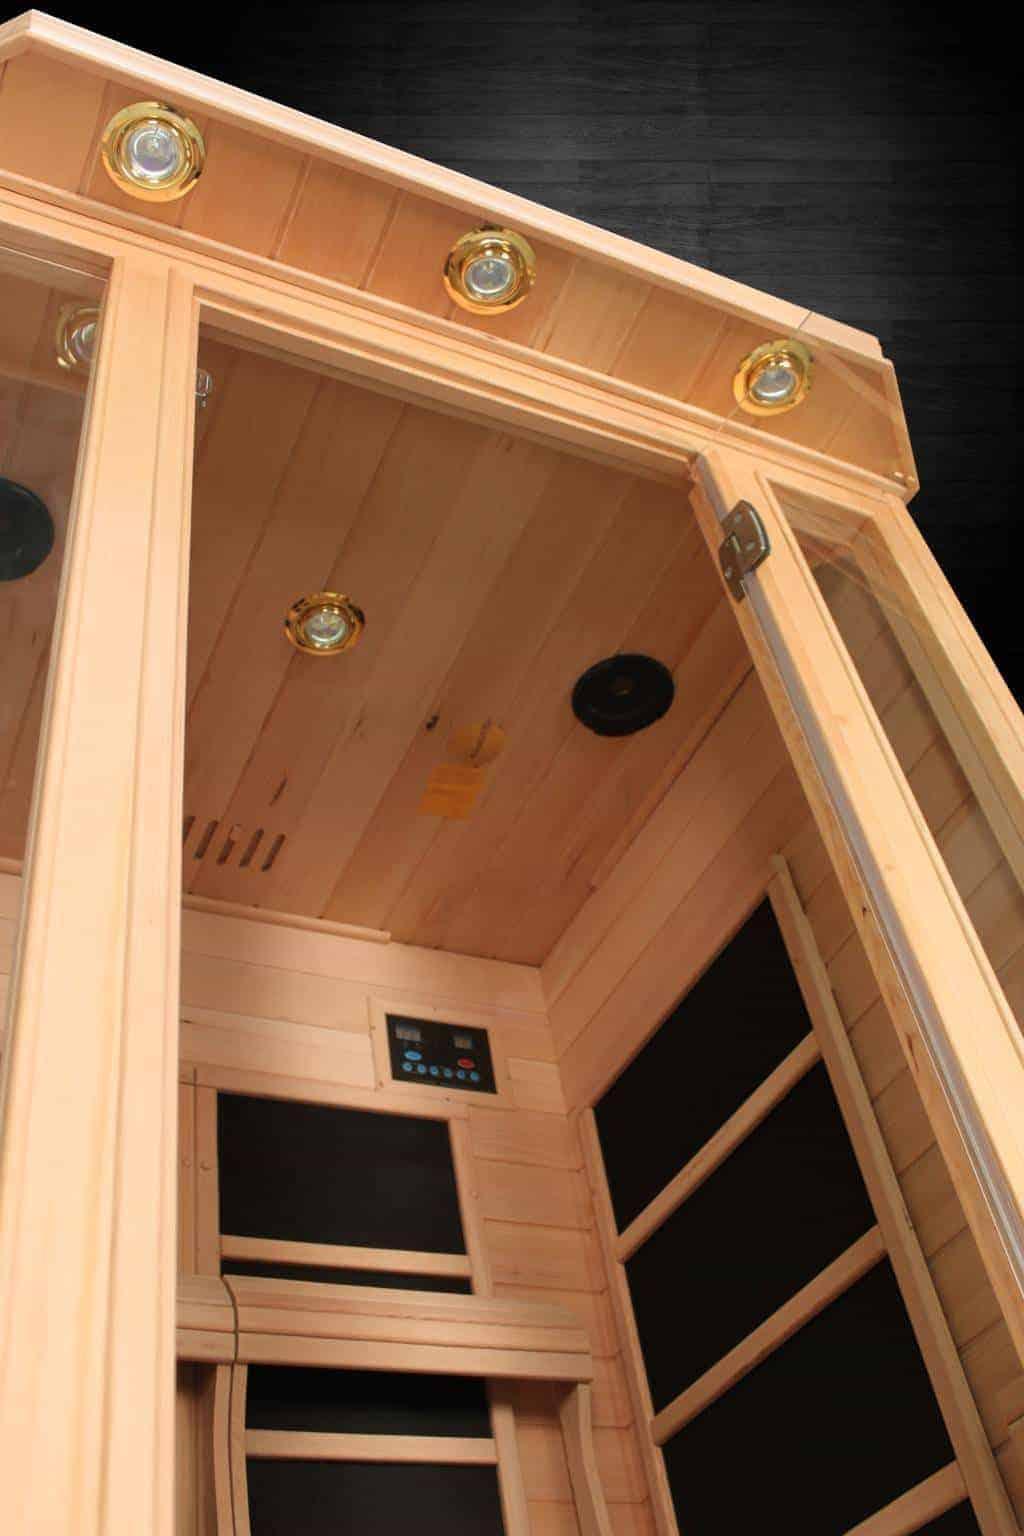 Duet Himalayan Salt Cave Infrared Sauna 2 Person 48x48x75 Display Unit